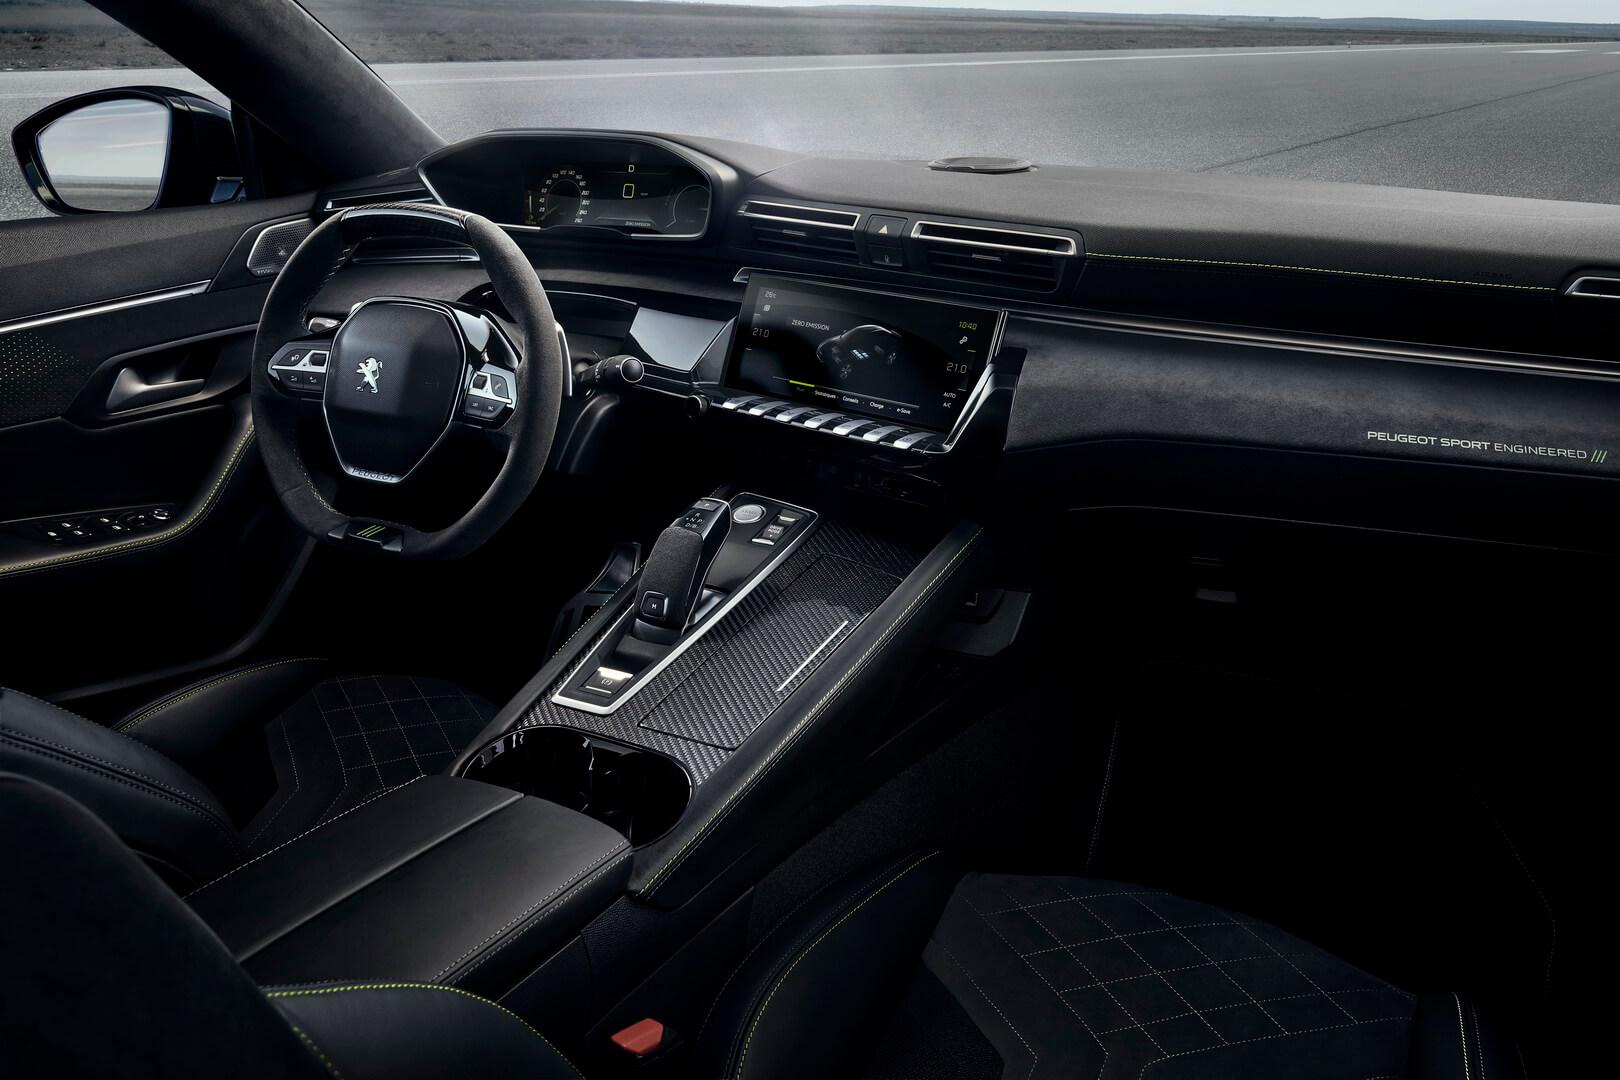 Интерьер плагин-гибридного концепта Peugeot 508 Sport Engineered